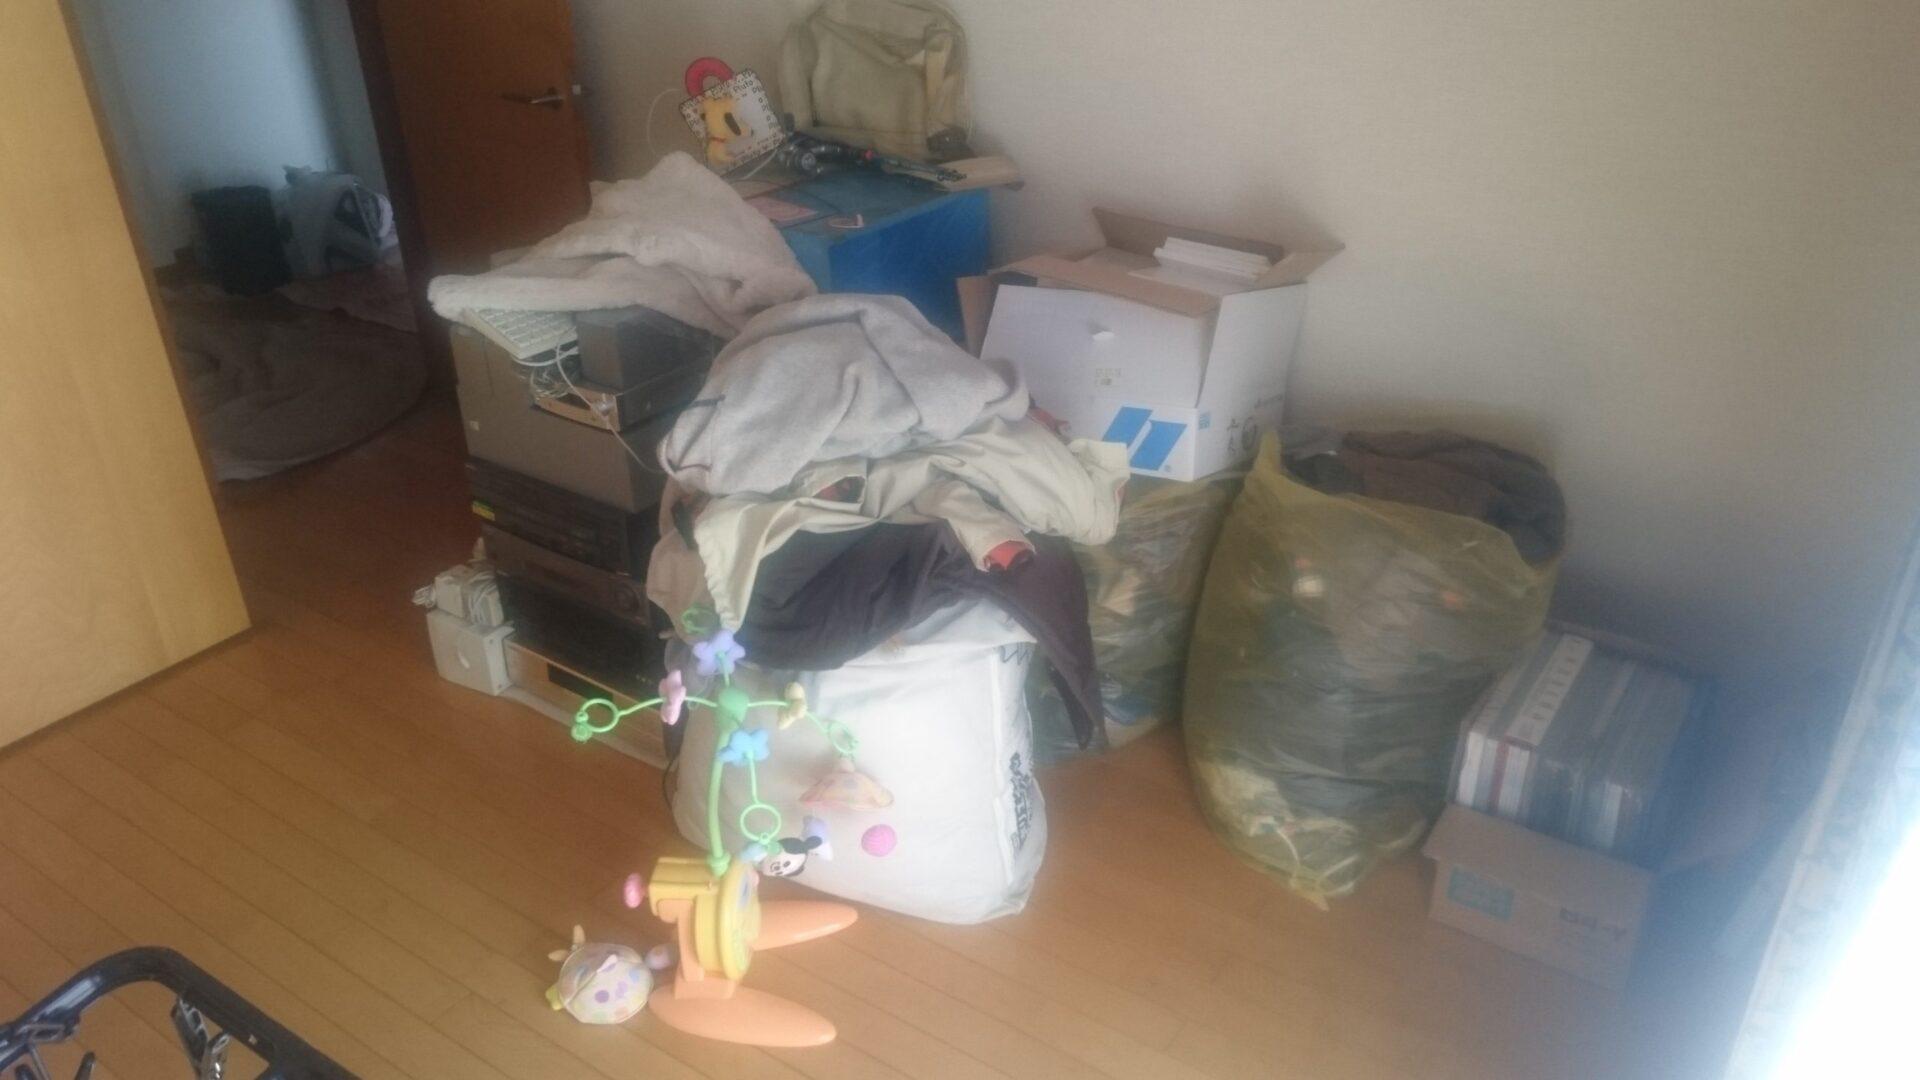 【愛知県名古屋市緑区】衣類や電化製品などの回収